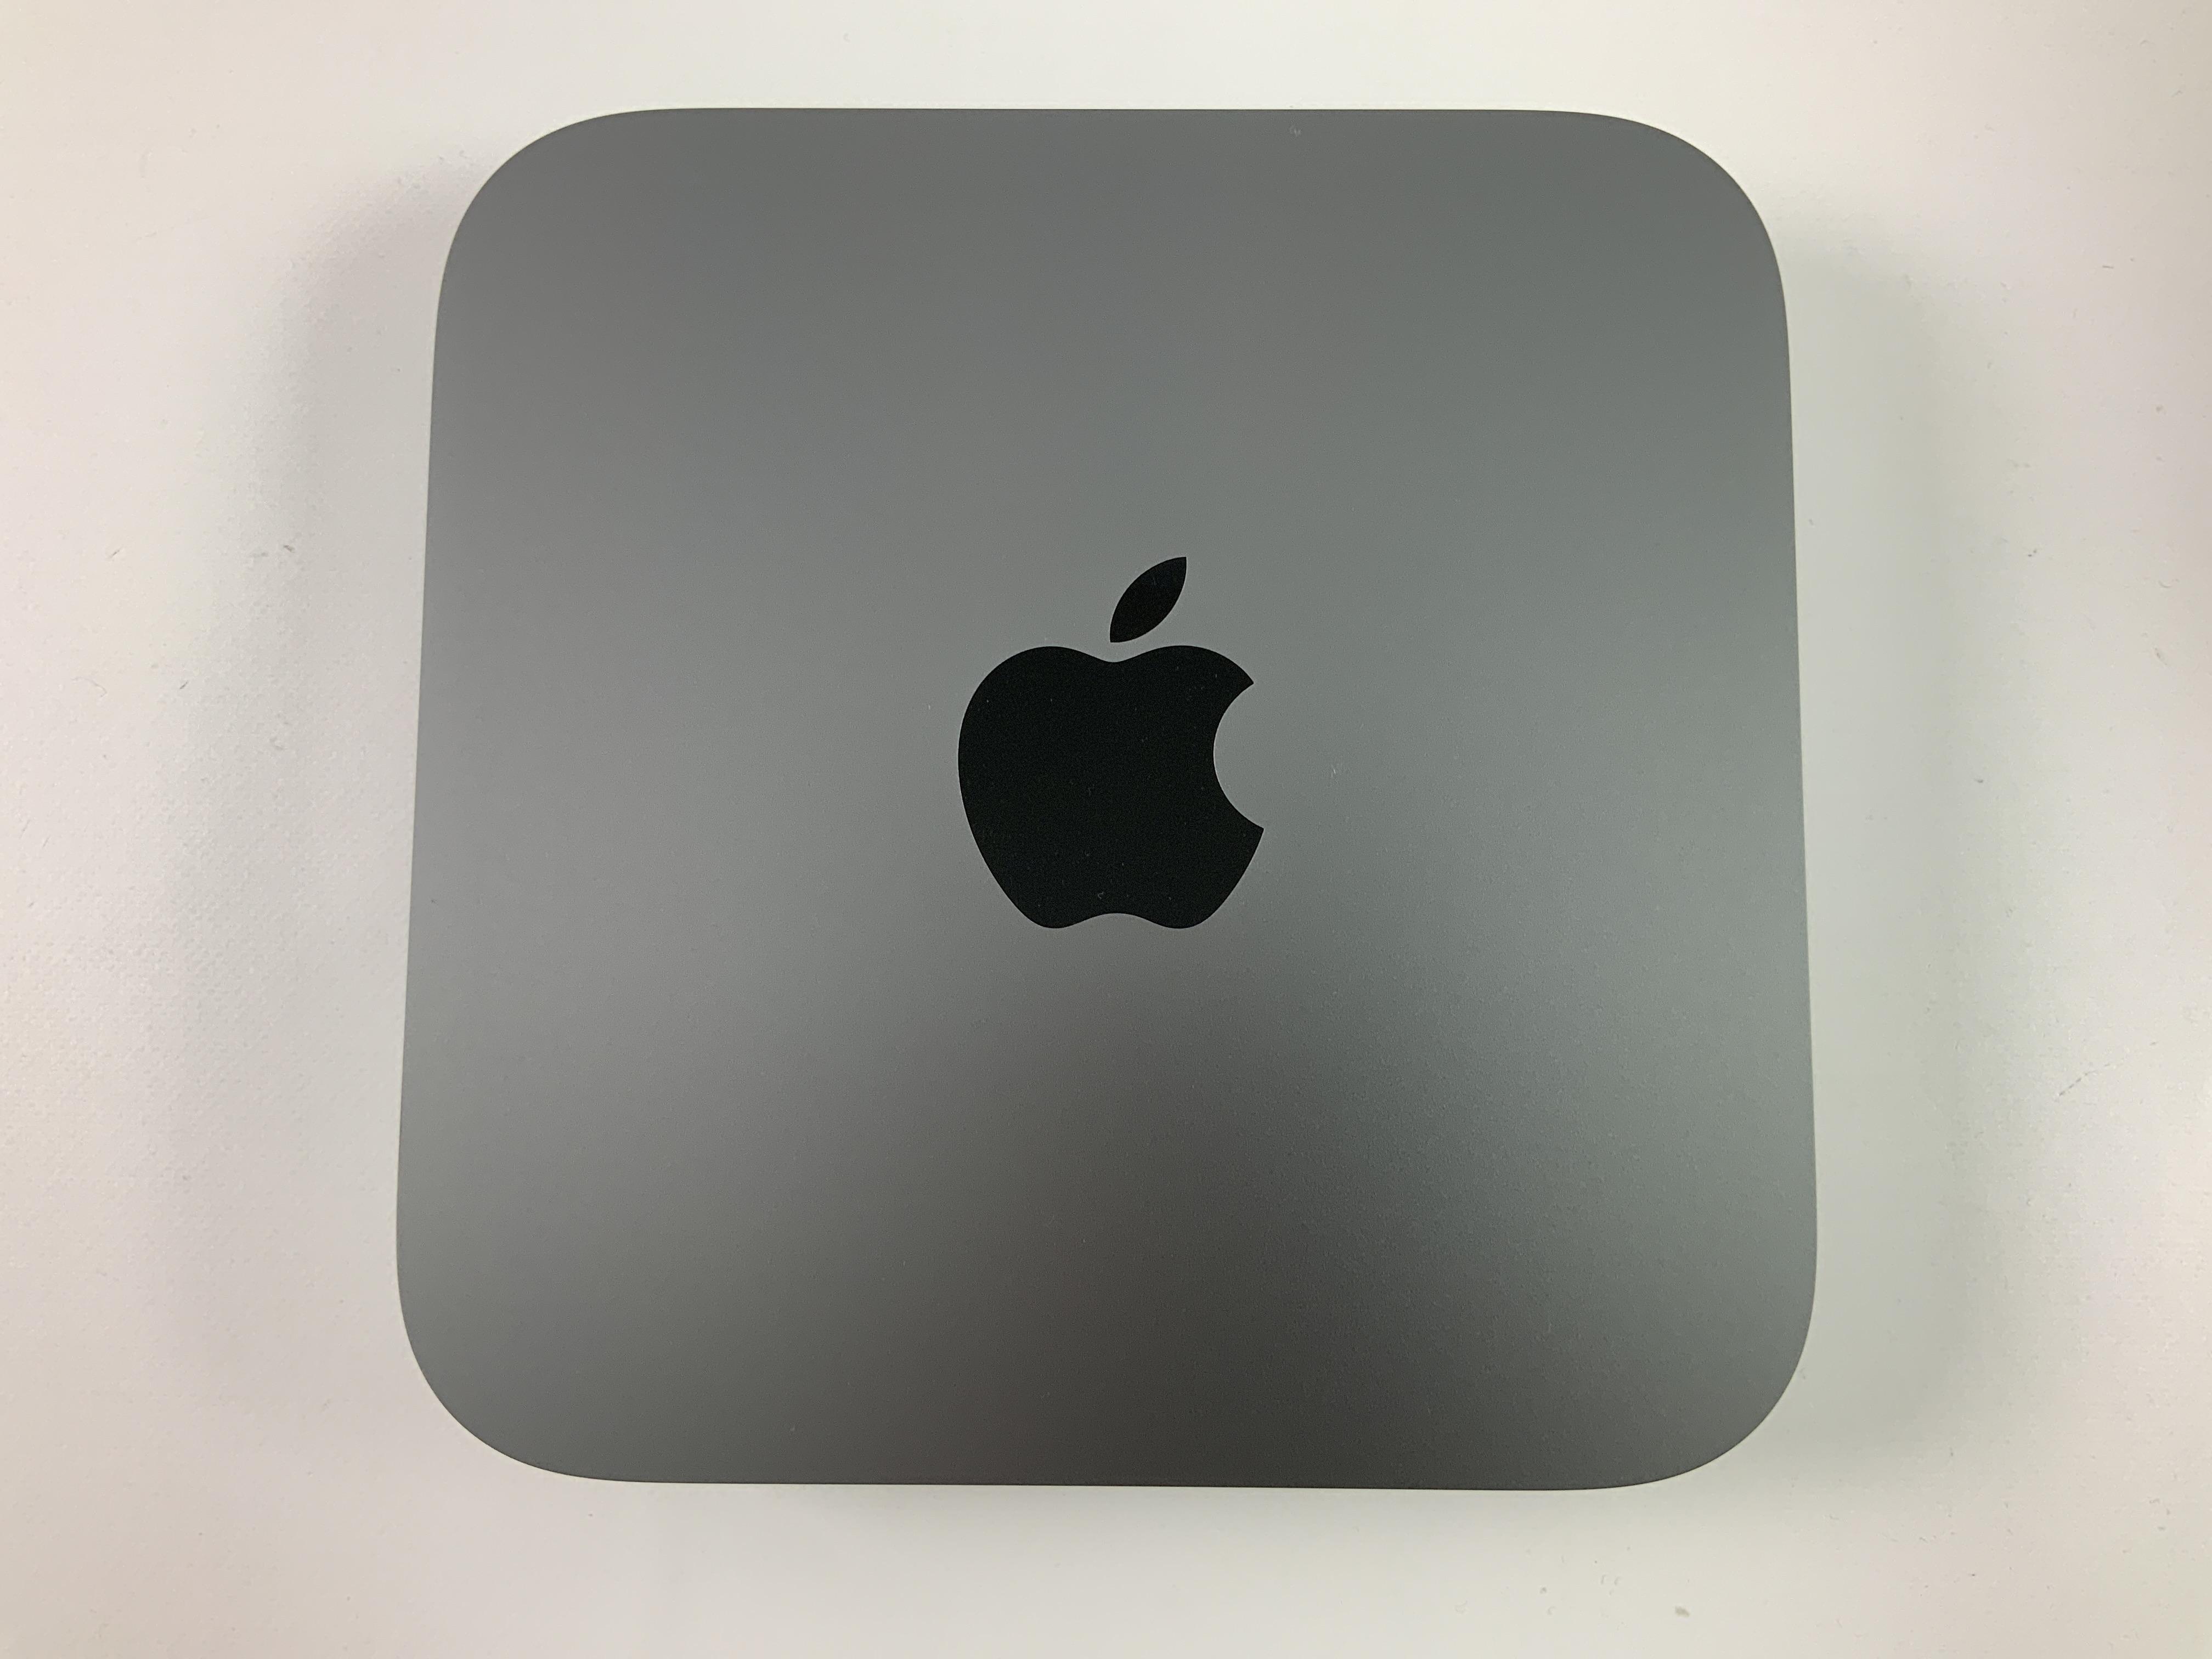 Mac Mini Late 2018 (Intel 6-Core i5 3.0 GHz 8 GB RAM 512 GB SSD), Intel 6-Core i5 3.0 GHz, 8 GB RAM, 512 GB SSD, image 1